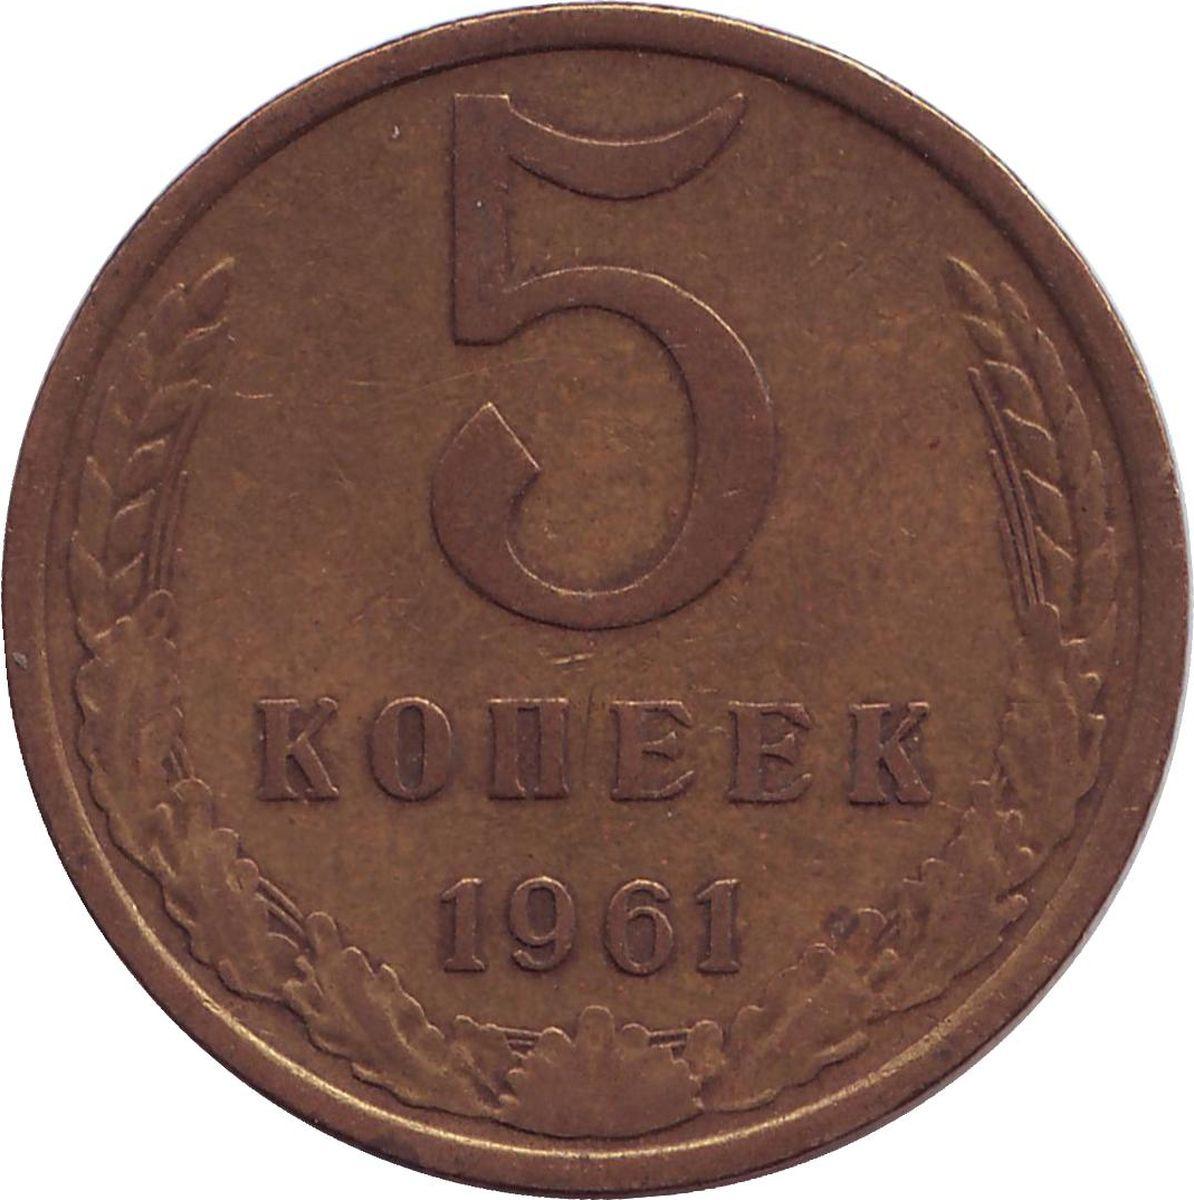 Фото - Монета номиналом 5 копеек. СССР, 1961 год монета номиналом 15 копеек ссср 1955 год